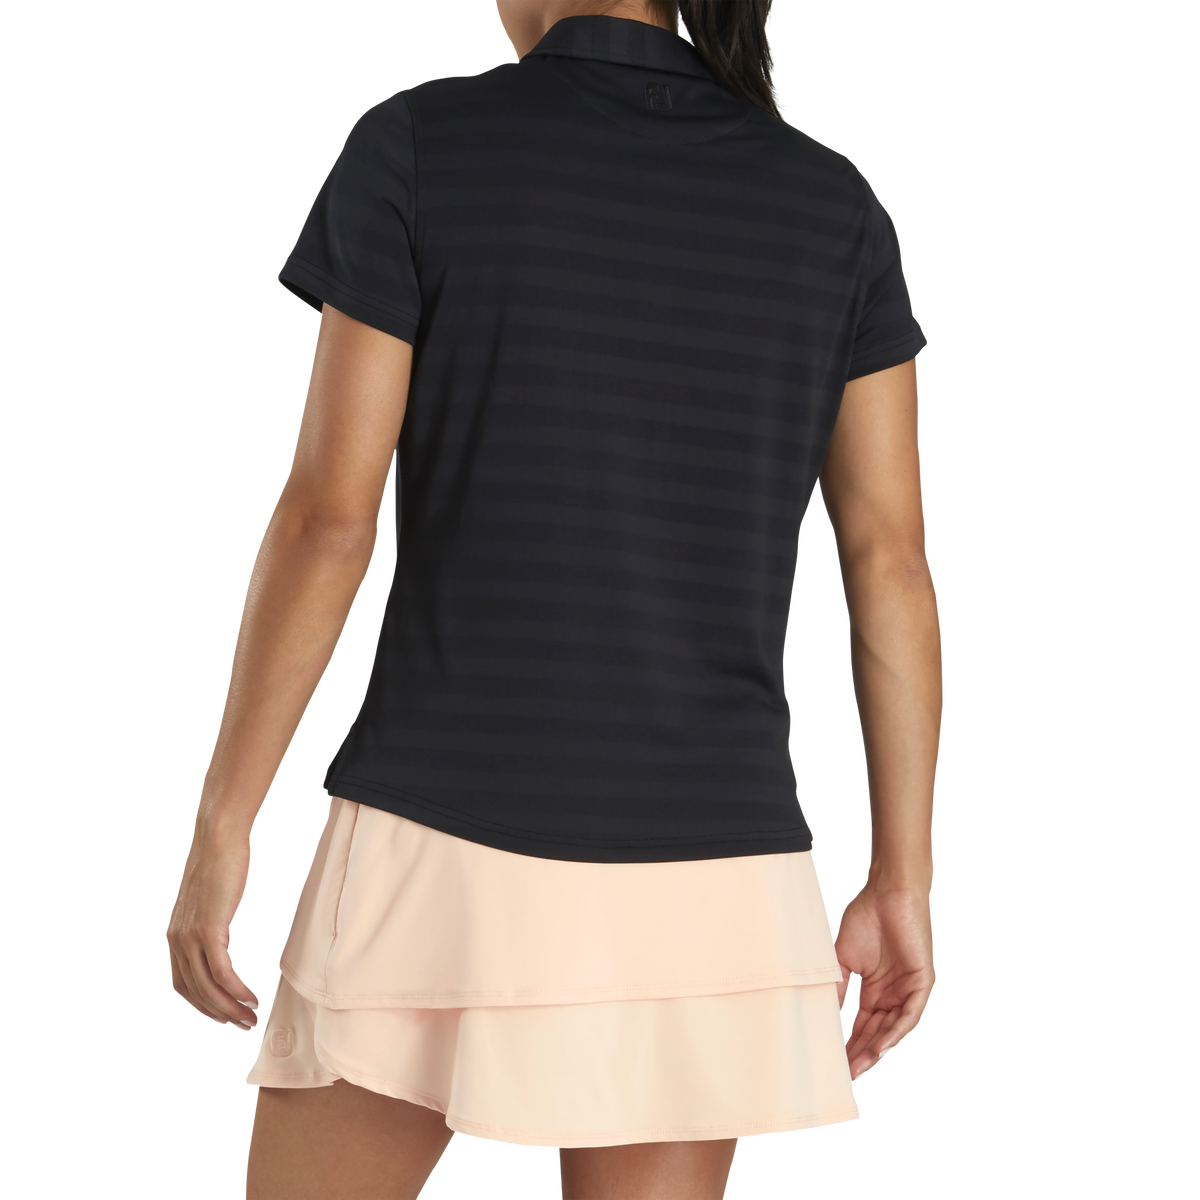 Jacquard Shirt Women